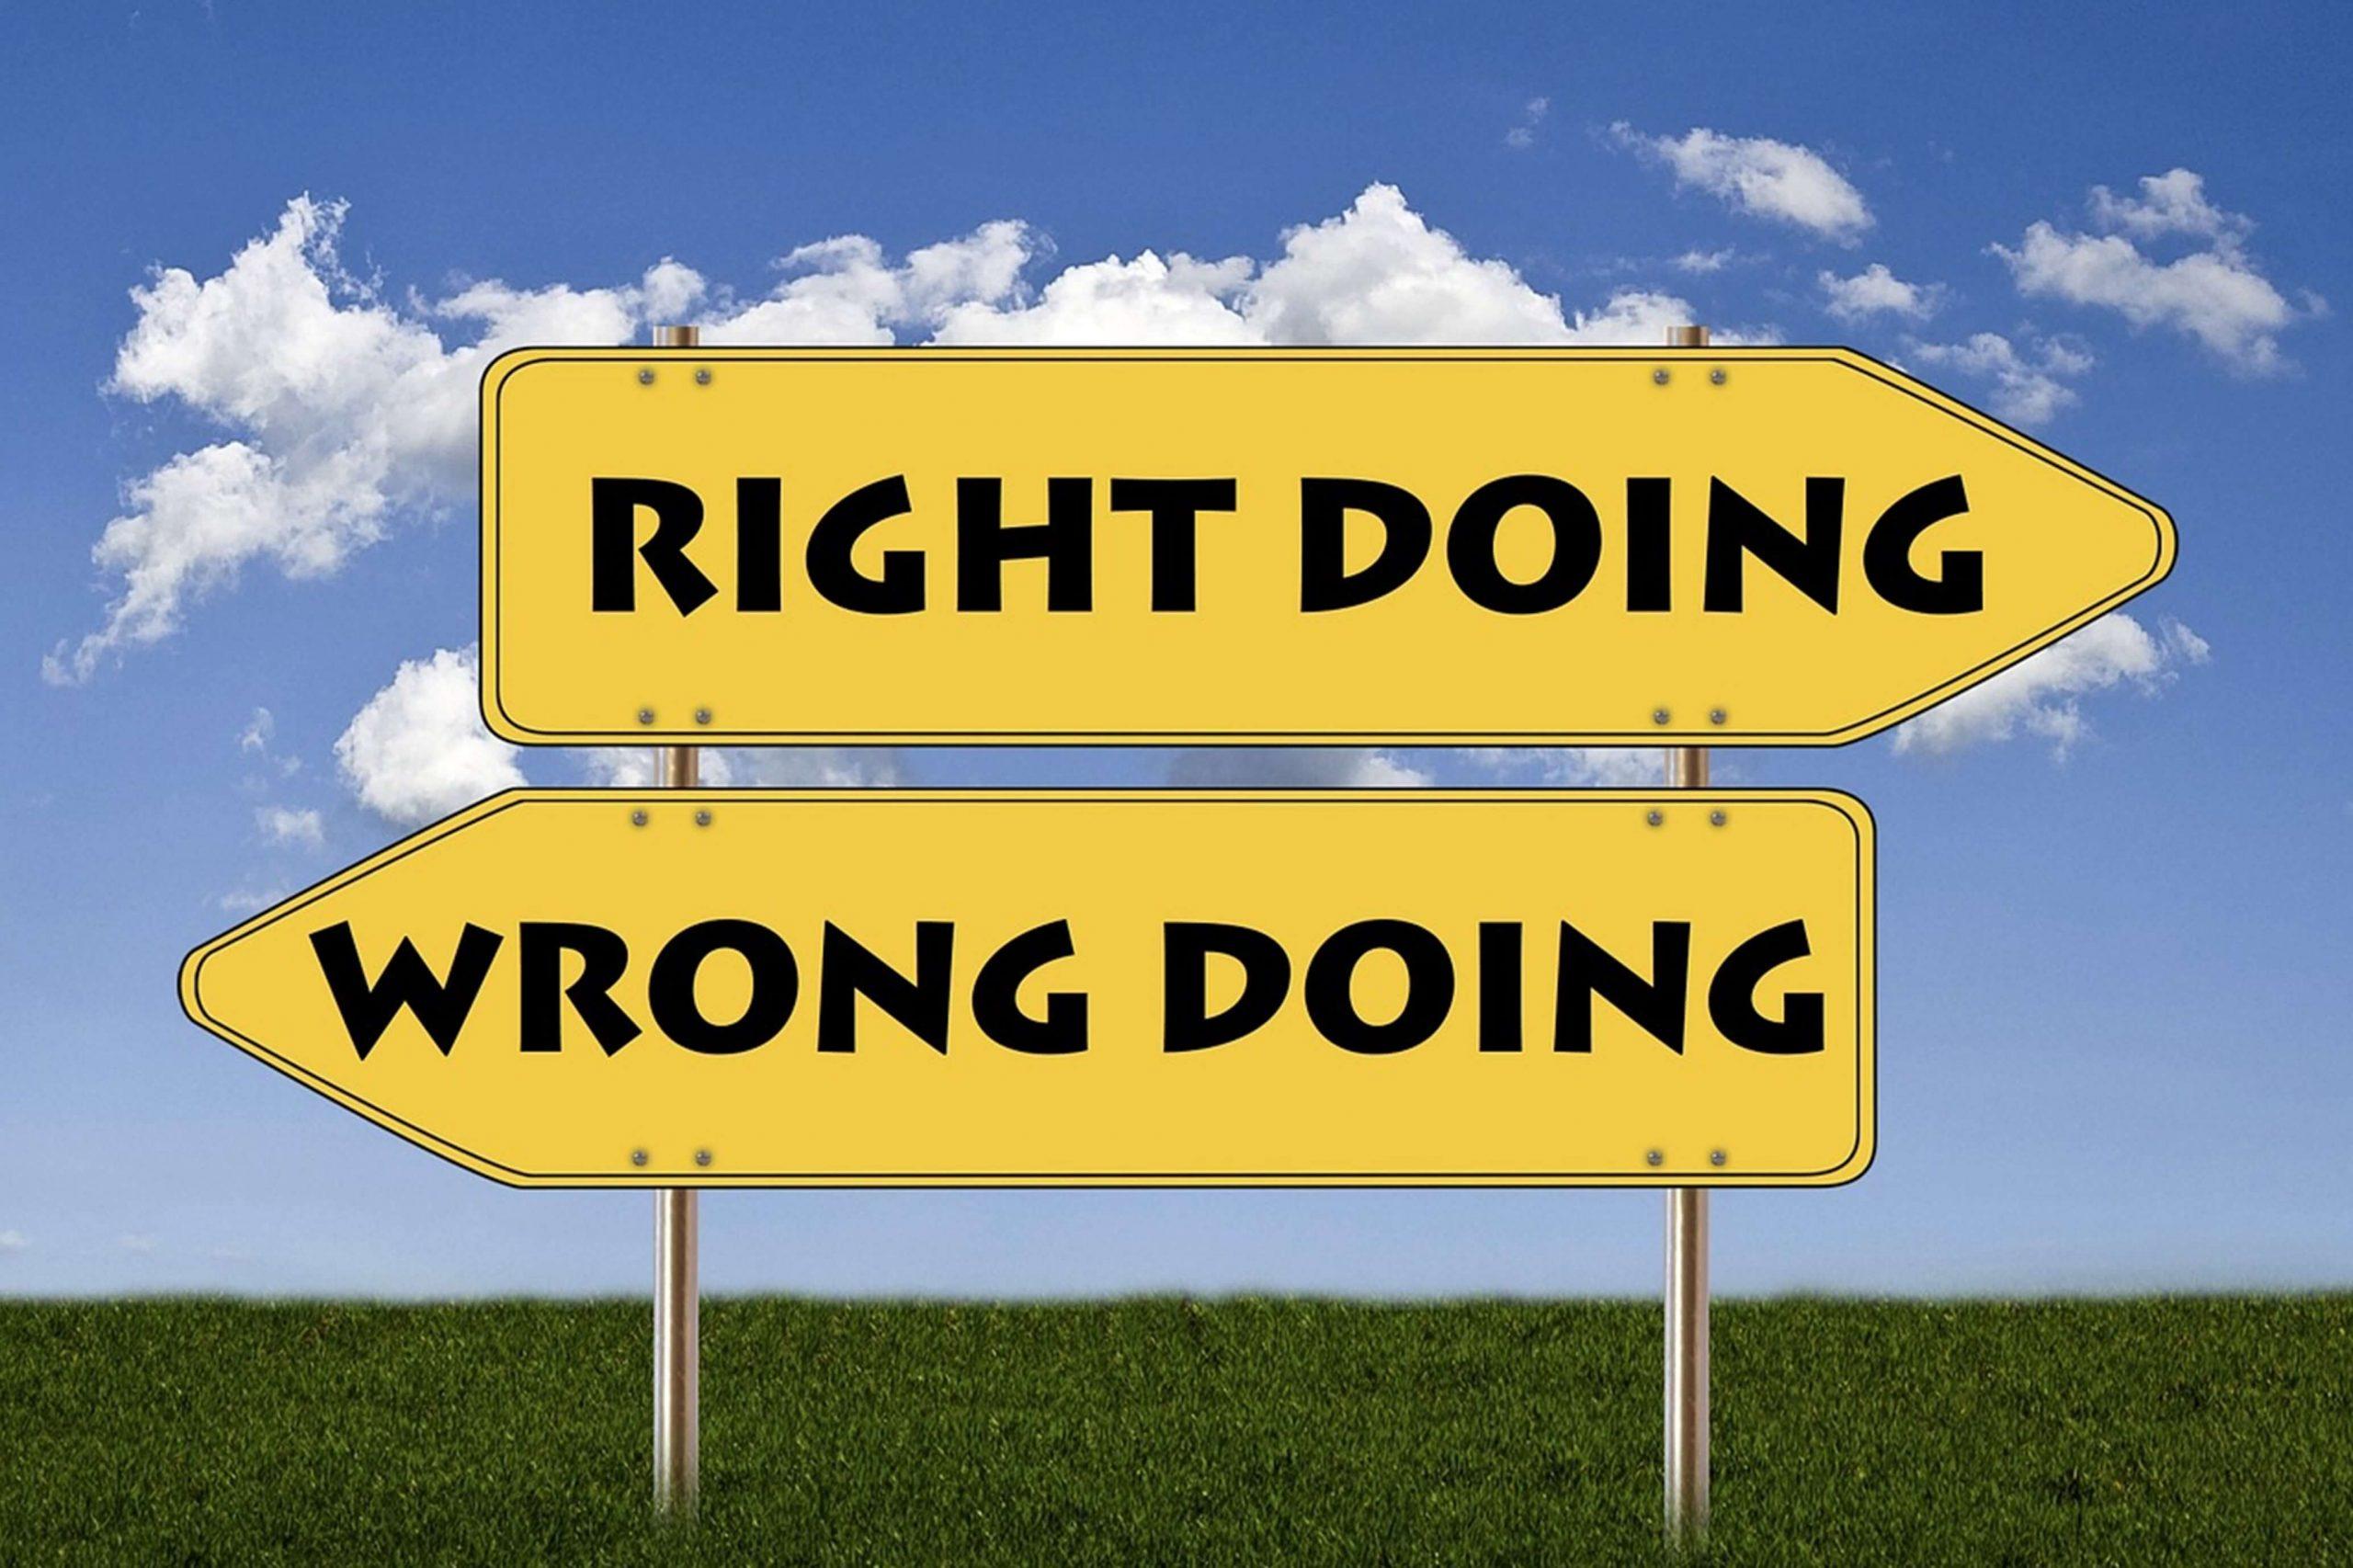 Atmosphäre, Effektivität, Ethik: Was gute von schlechter Führung unterscheidet